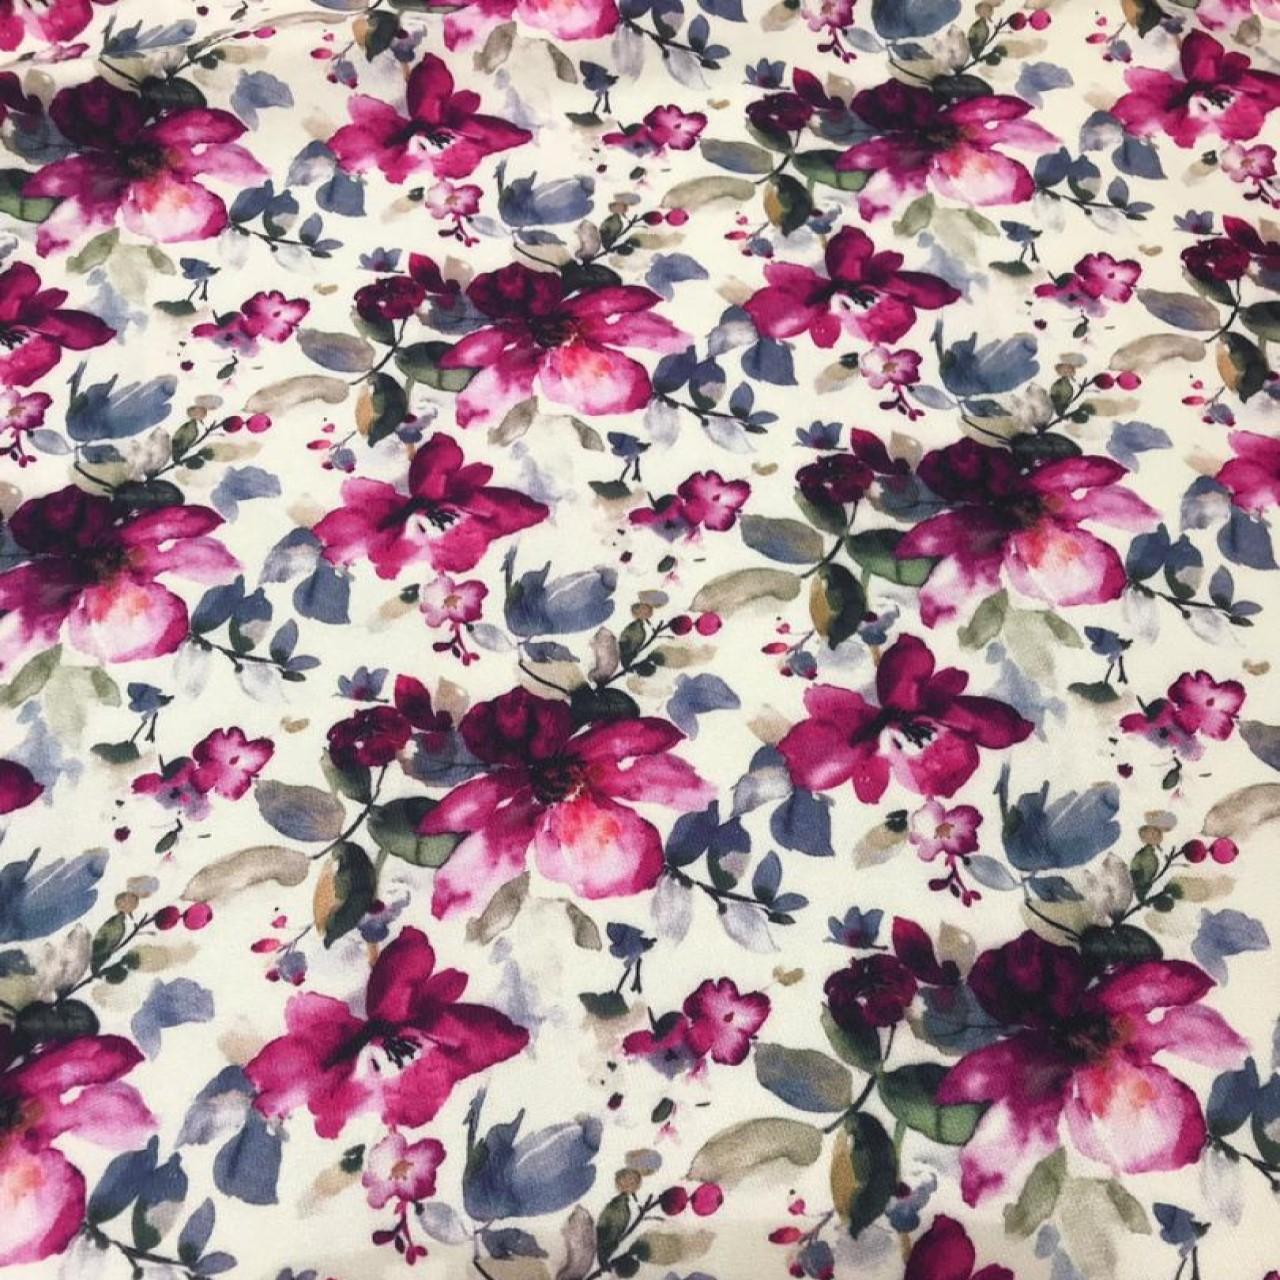 پارچه لباسی طرح تک گل آبرنگی کد 1011